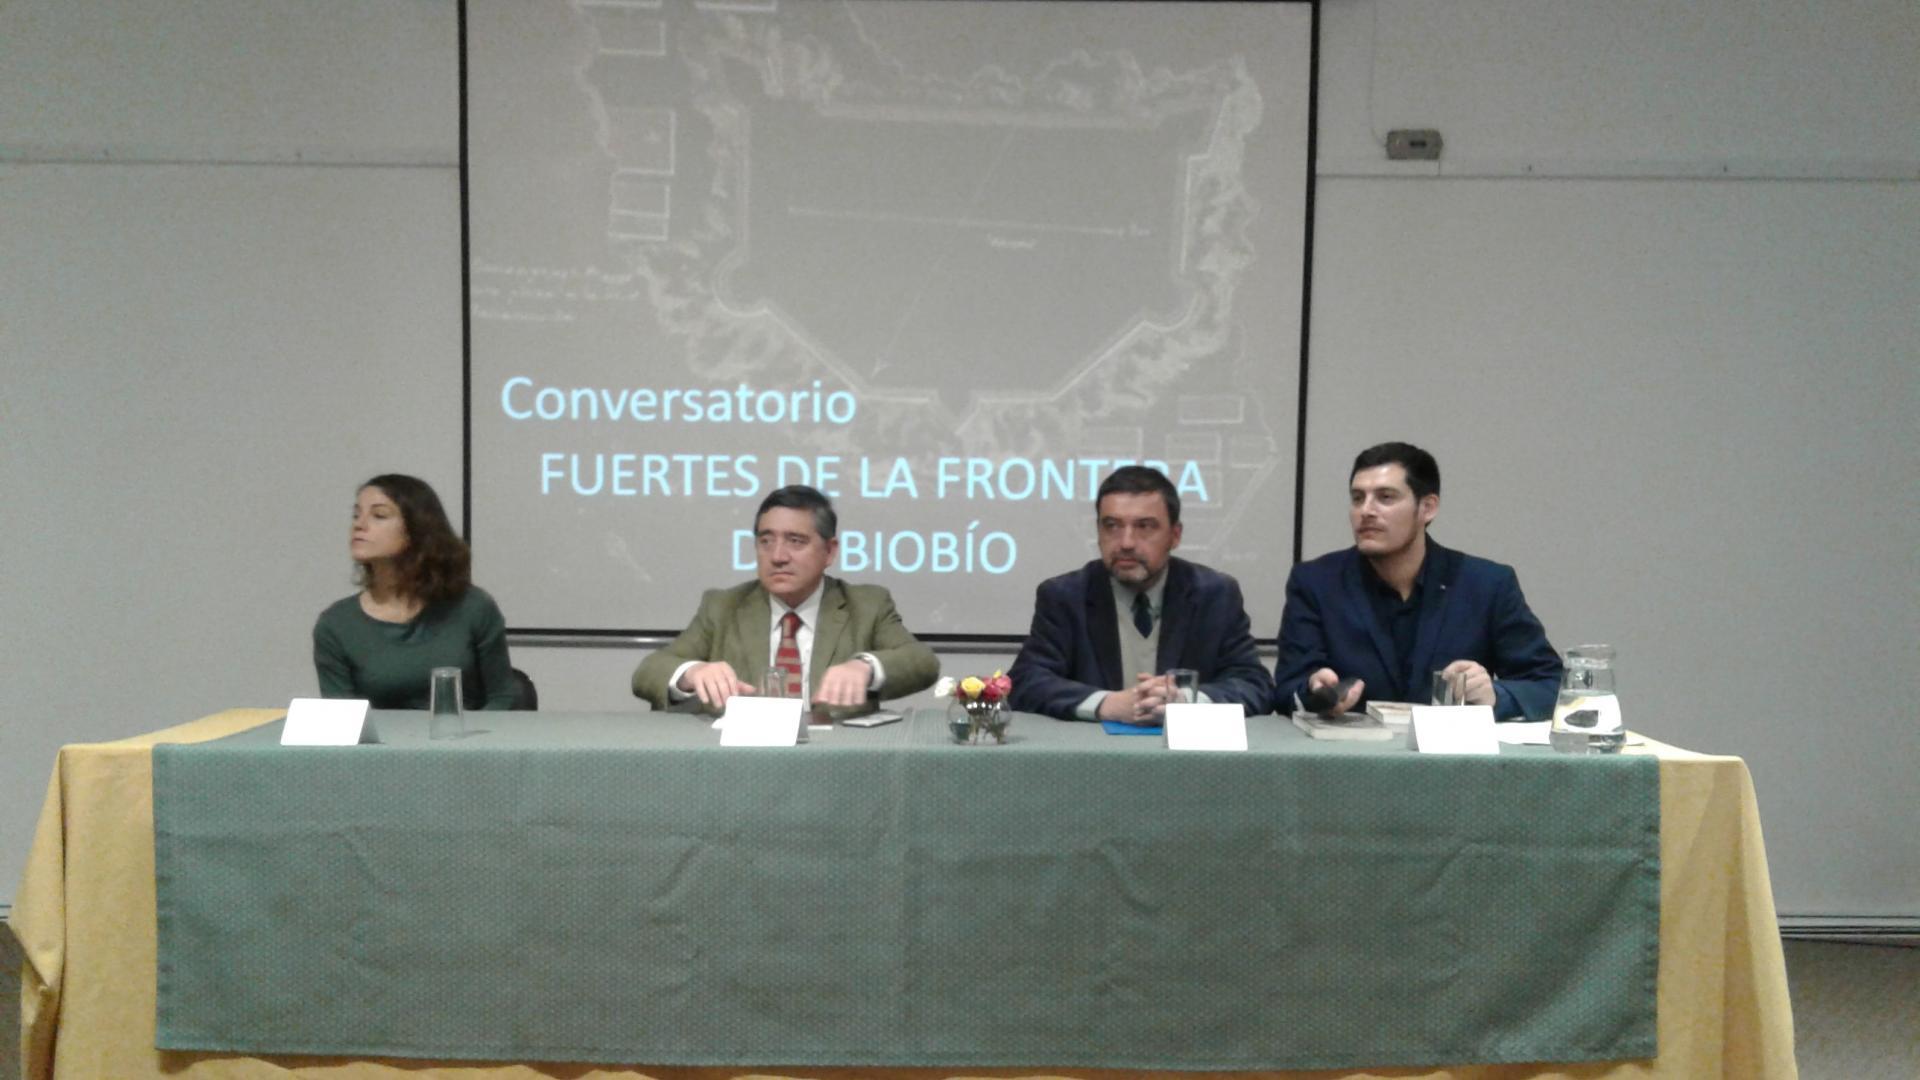 """Imagen de Conversatorio """"Fuertes de la Frontera del Biobío"""" pretende poner valor a la arquitectura defensiva de fines del siglo XIX"""